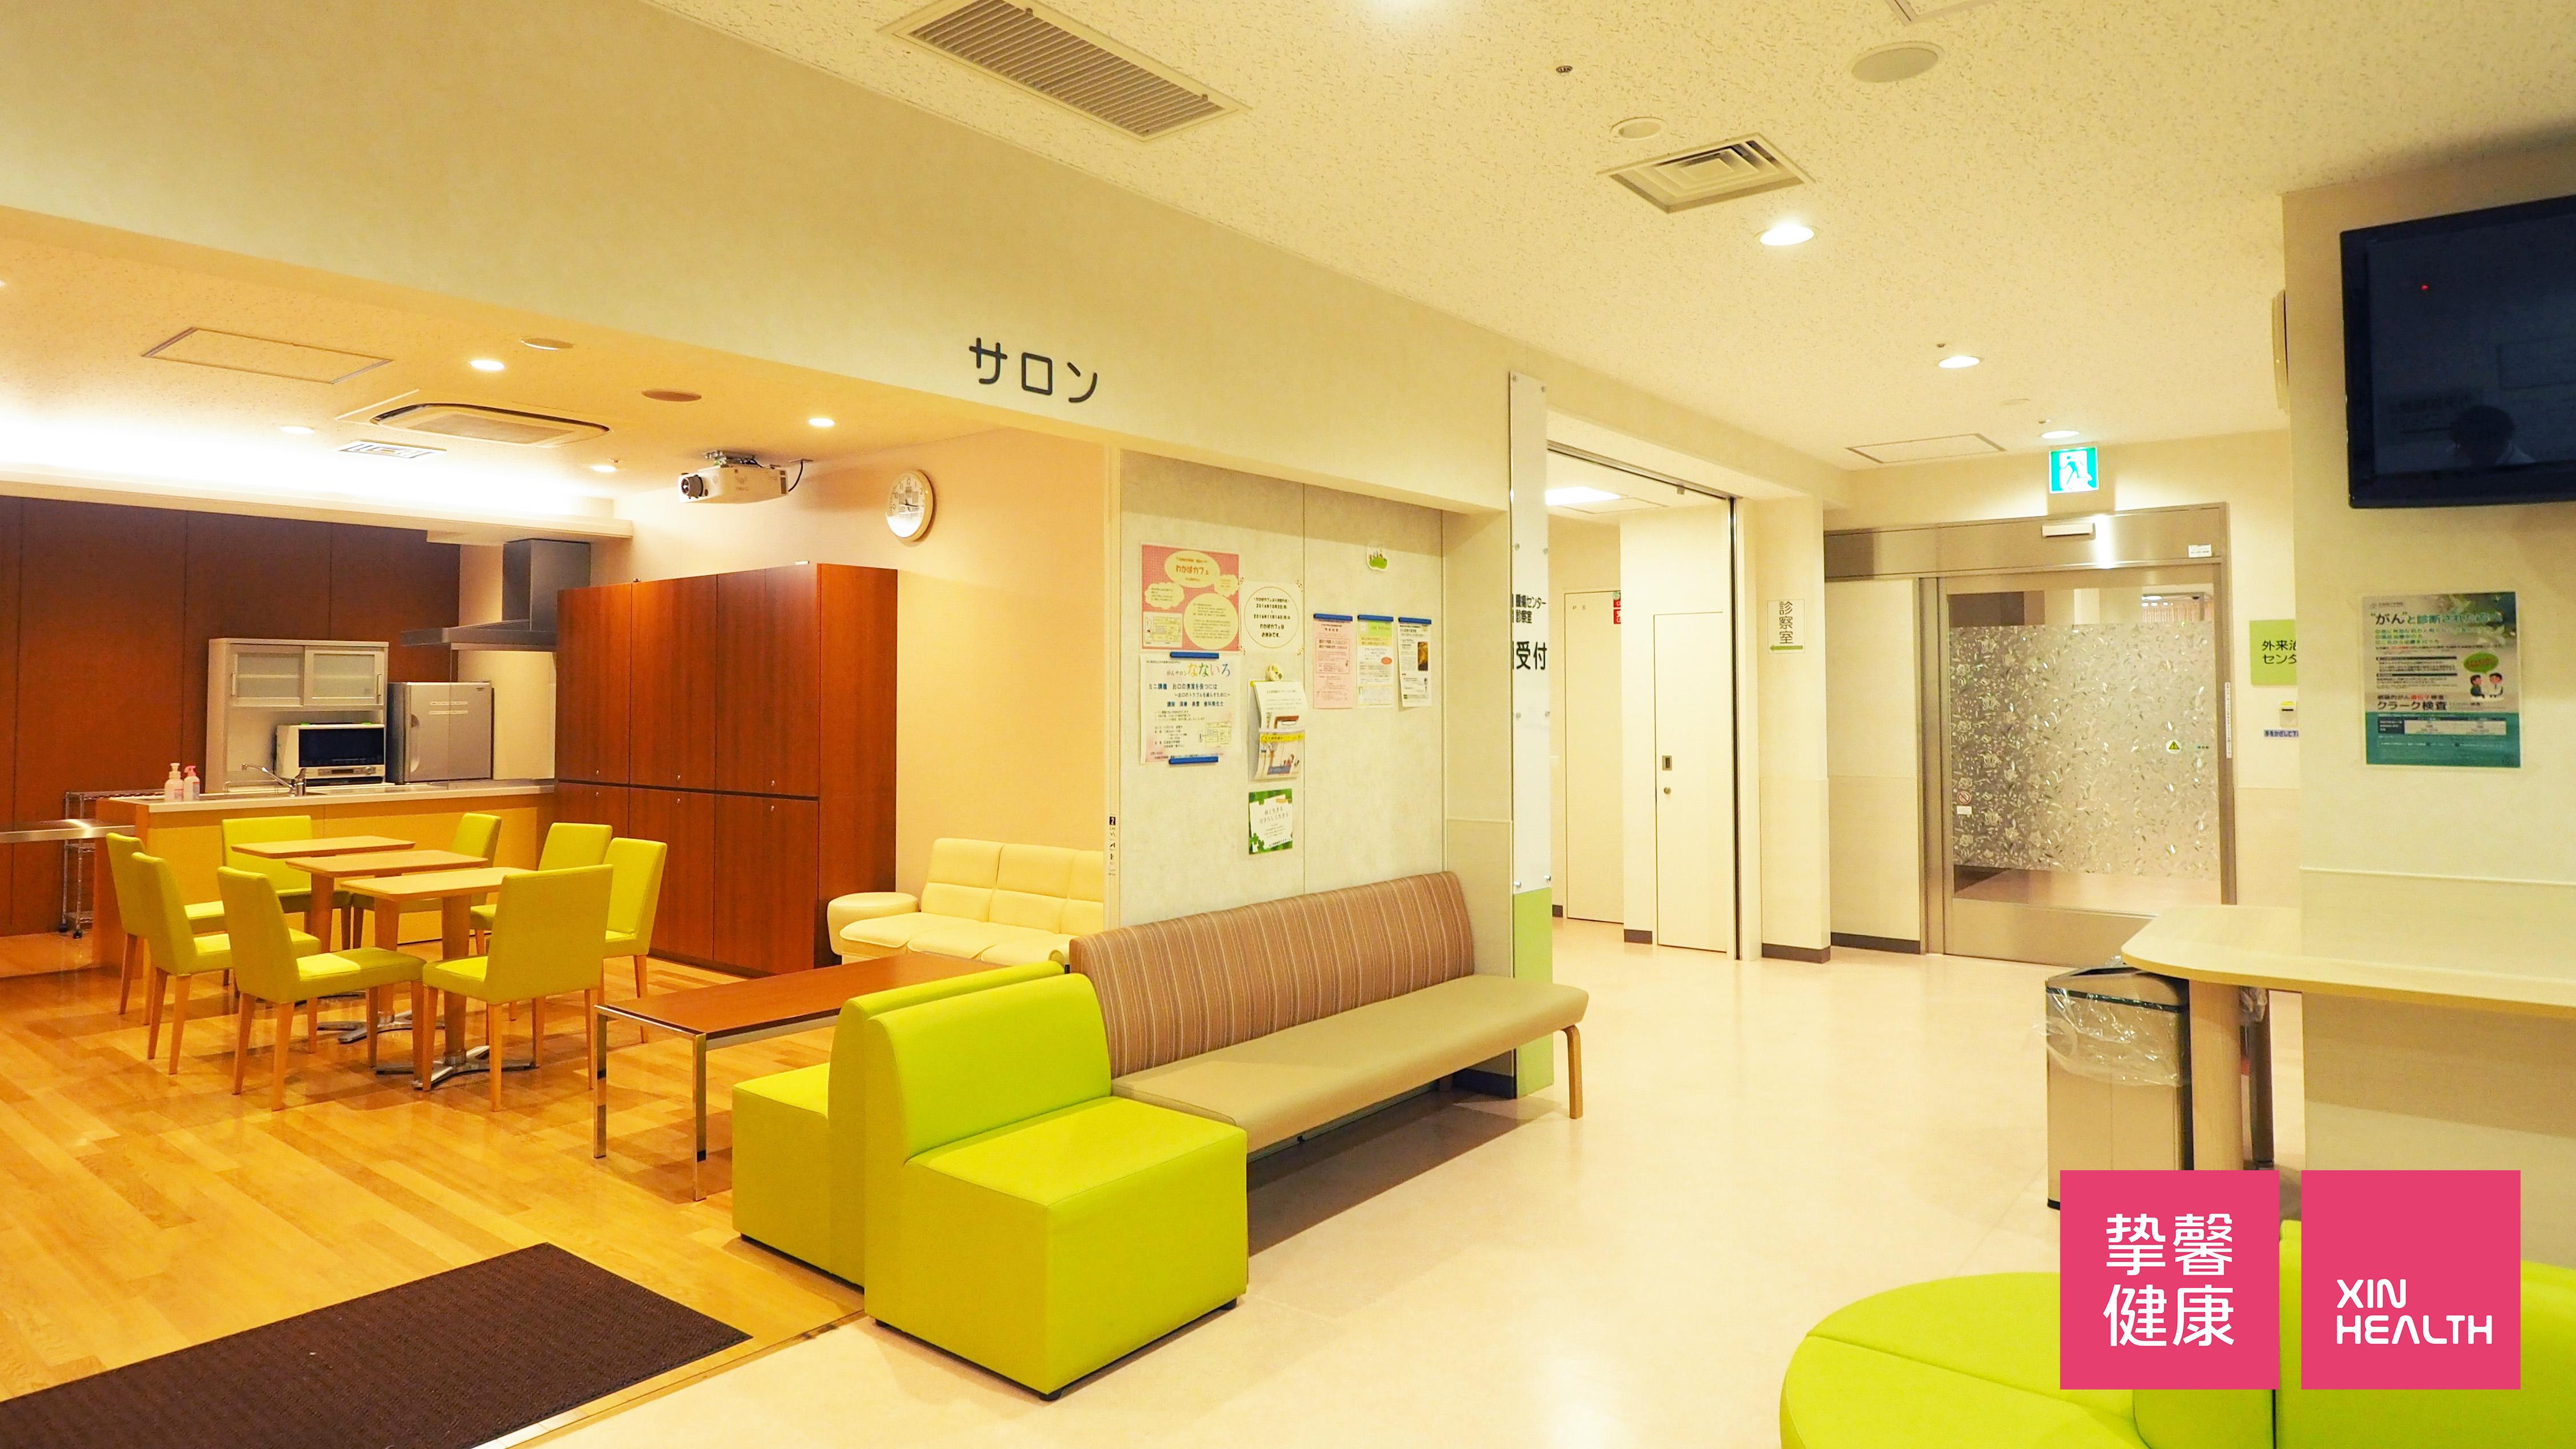 北海道大学病院 儿童癌症咨询援助中心